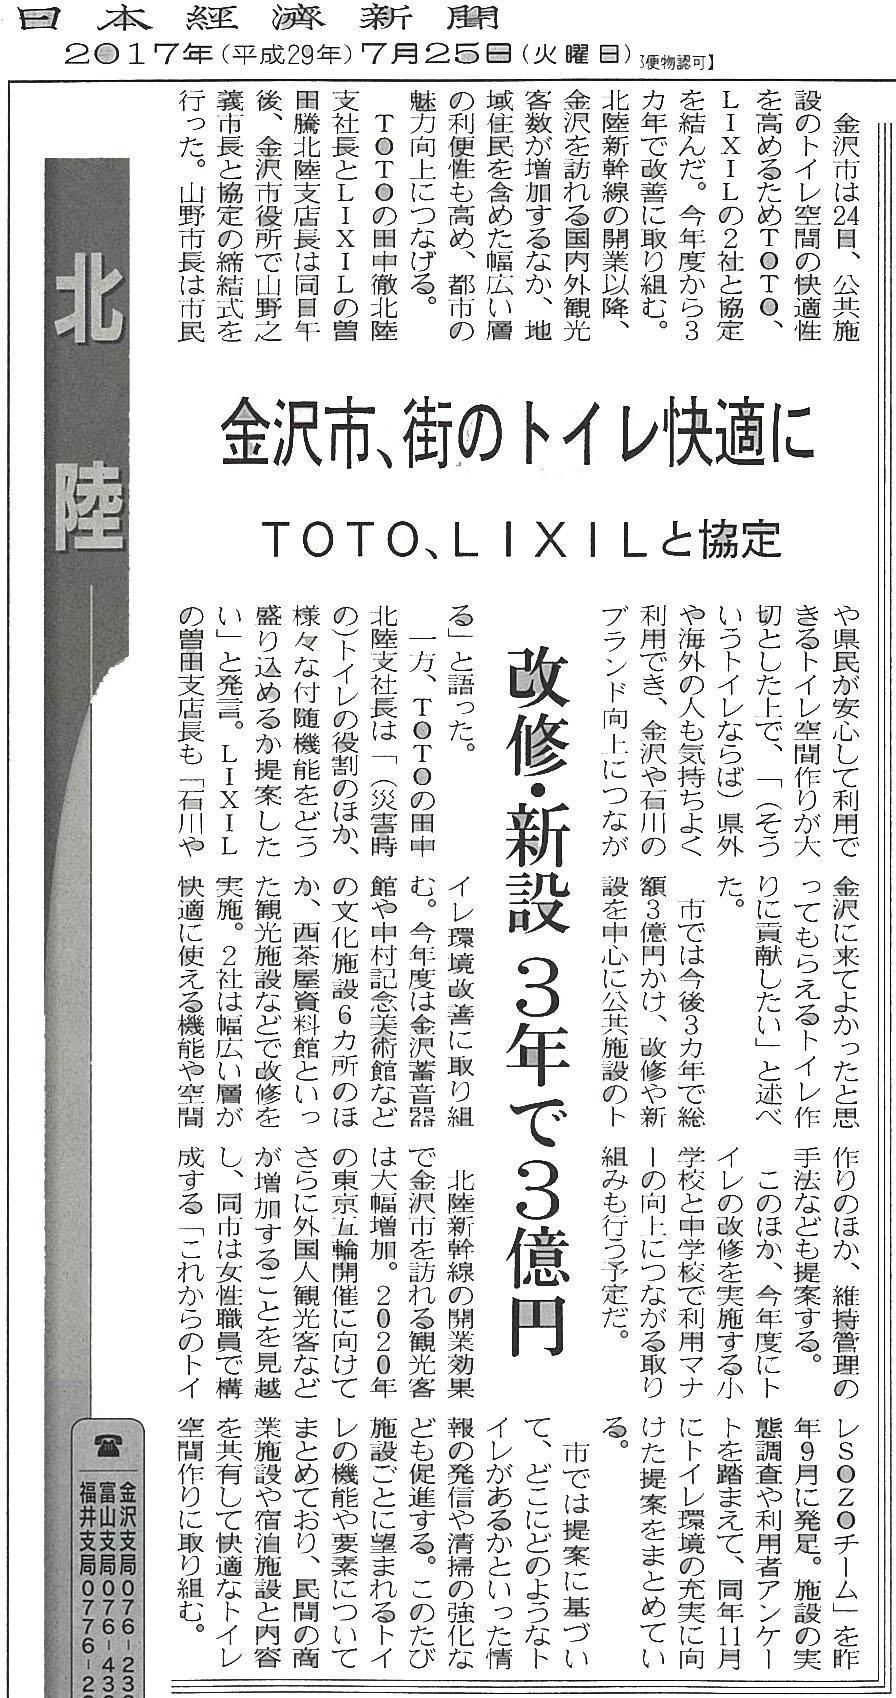 北陸 中 日 新聞 富山 支局